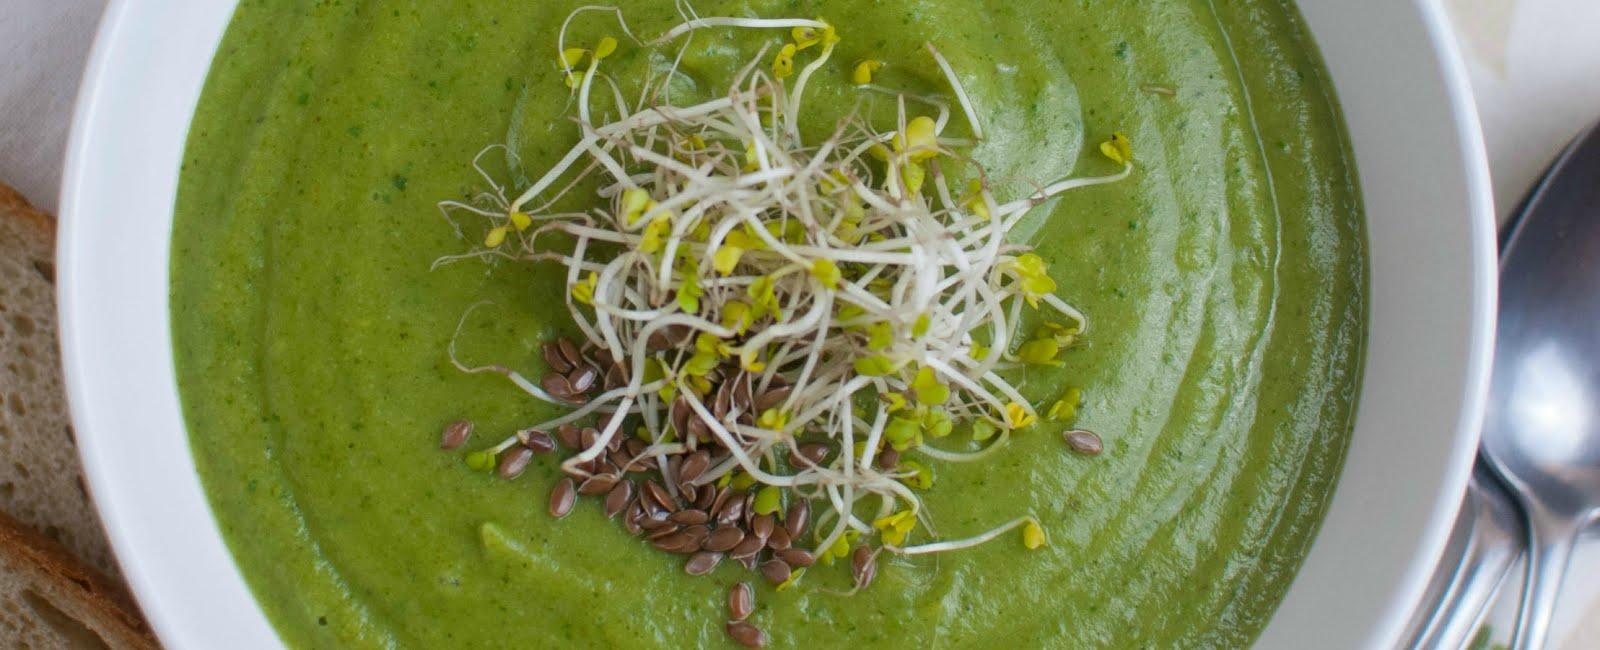 Soczyście zielony krem z brokułów